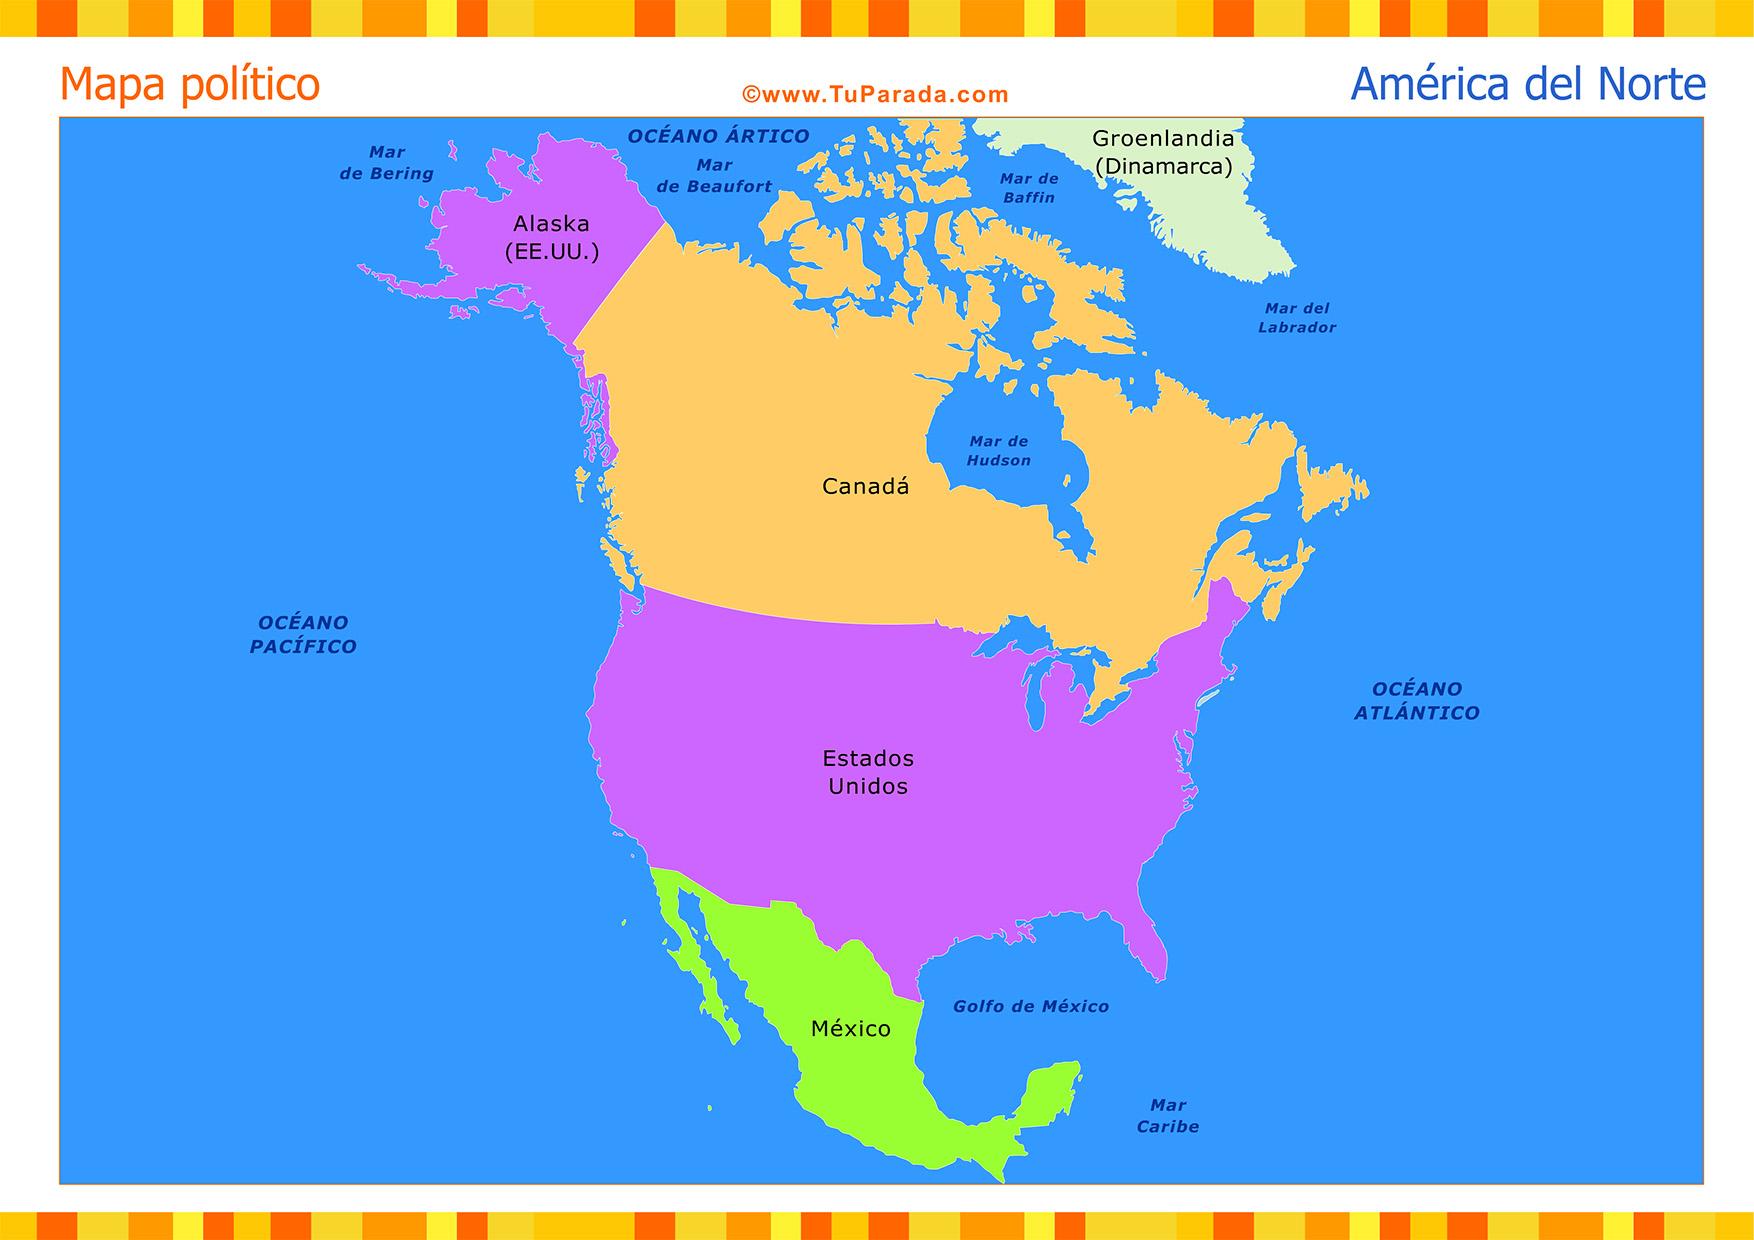 Mapa Politico De America Del Norte.Mapa De America Del Norte Politico Mapas Tarjetas